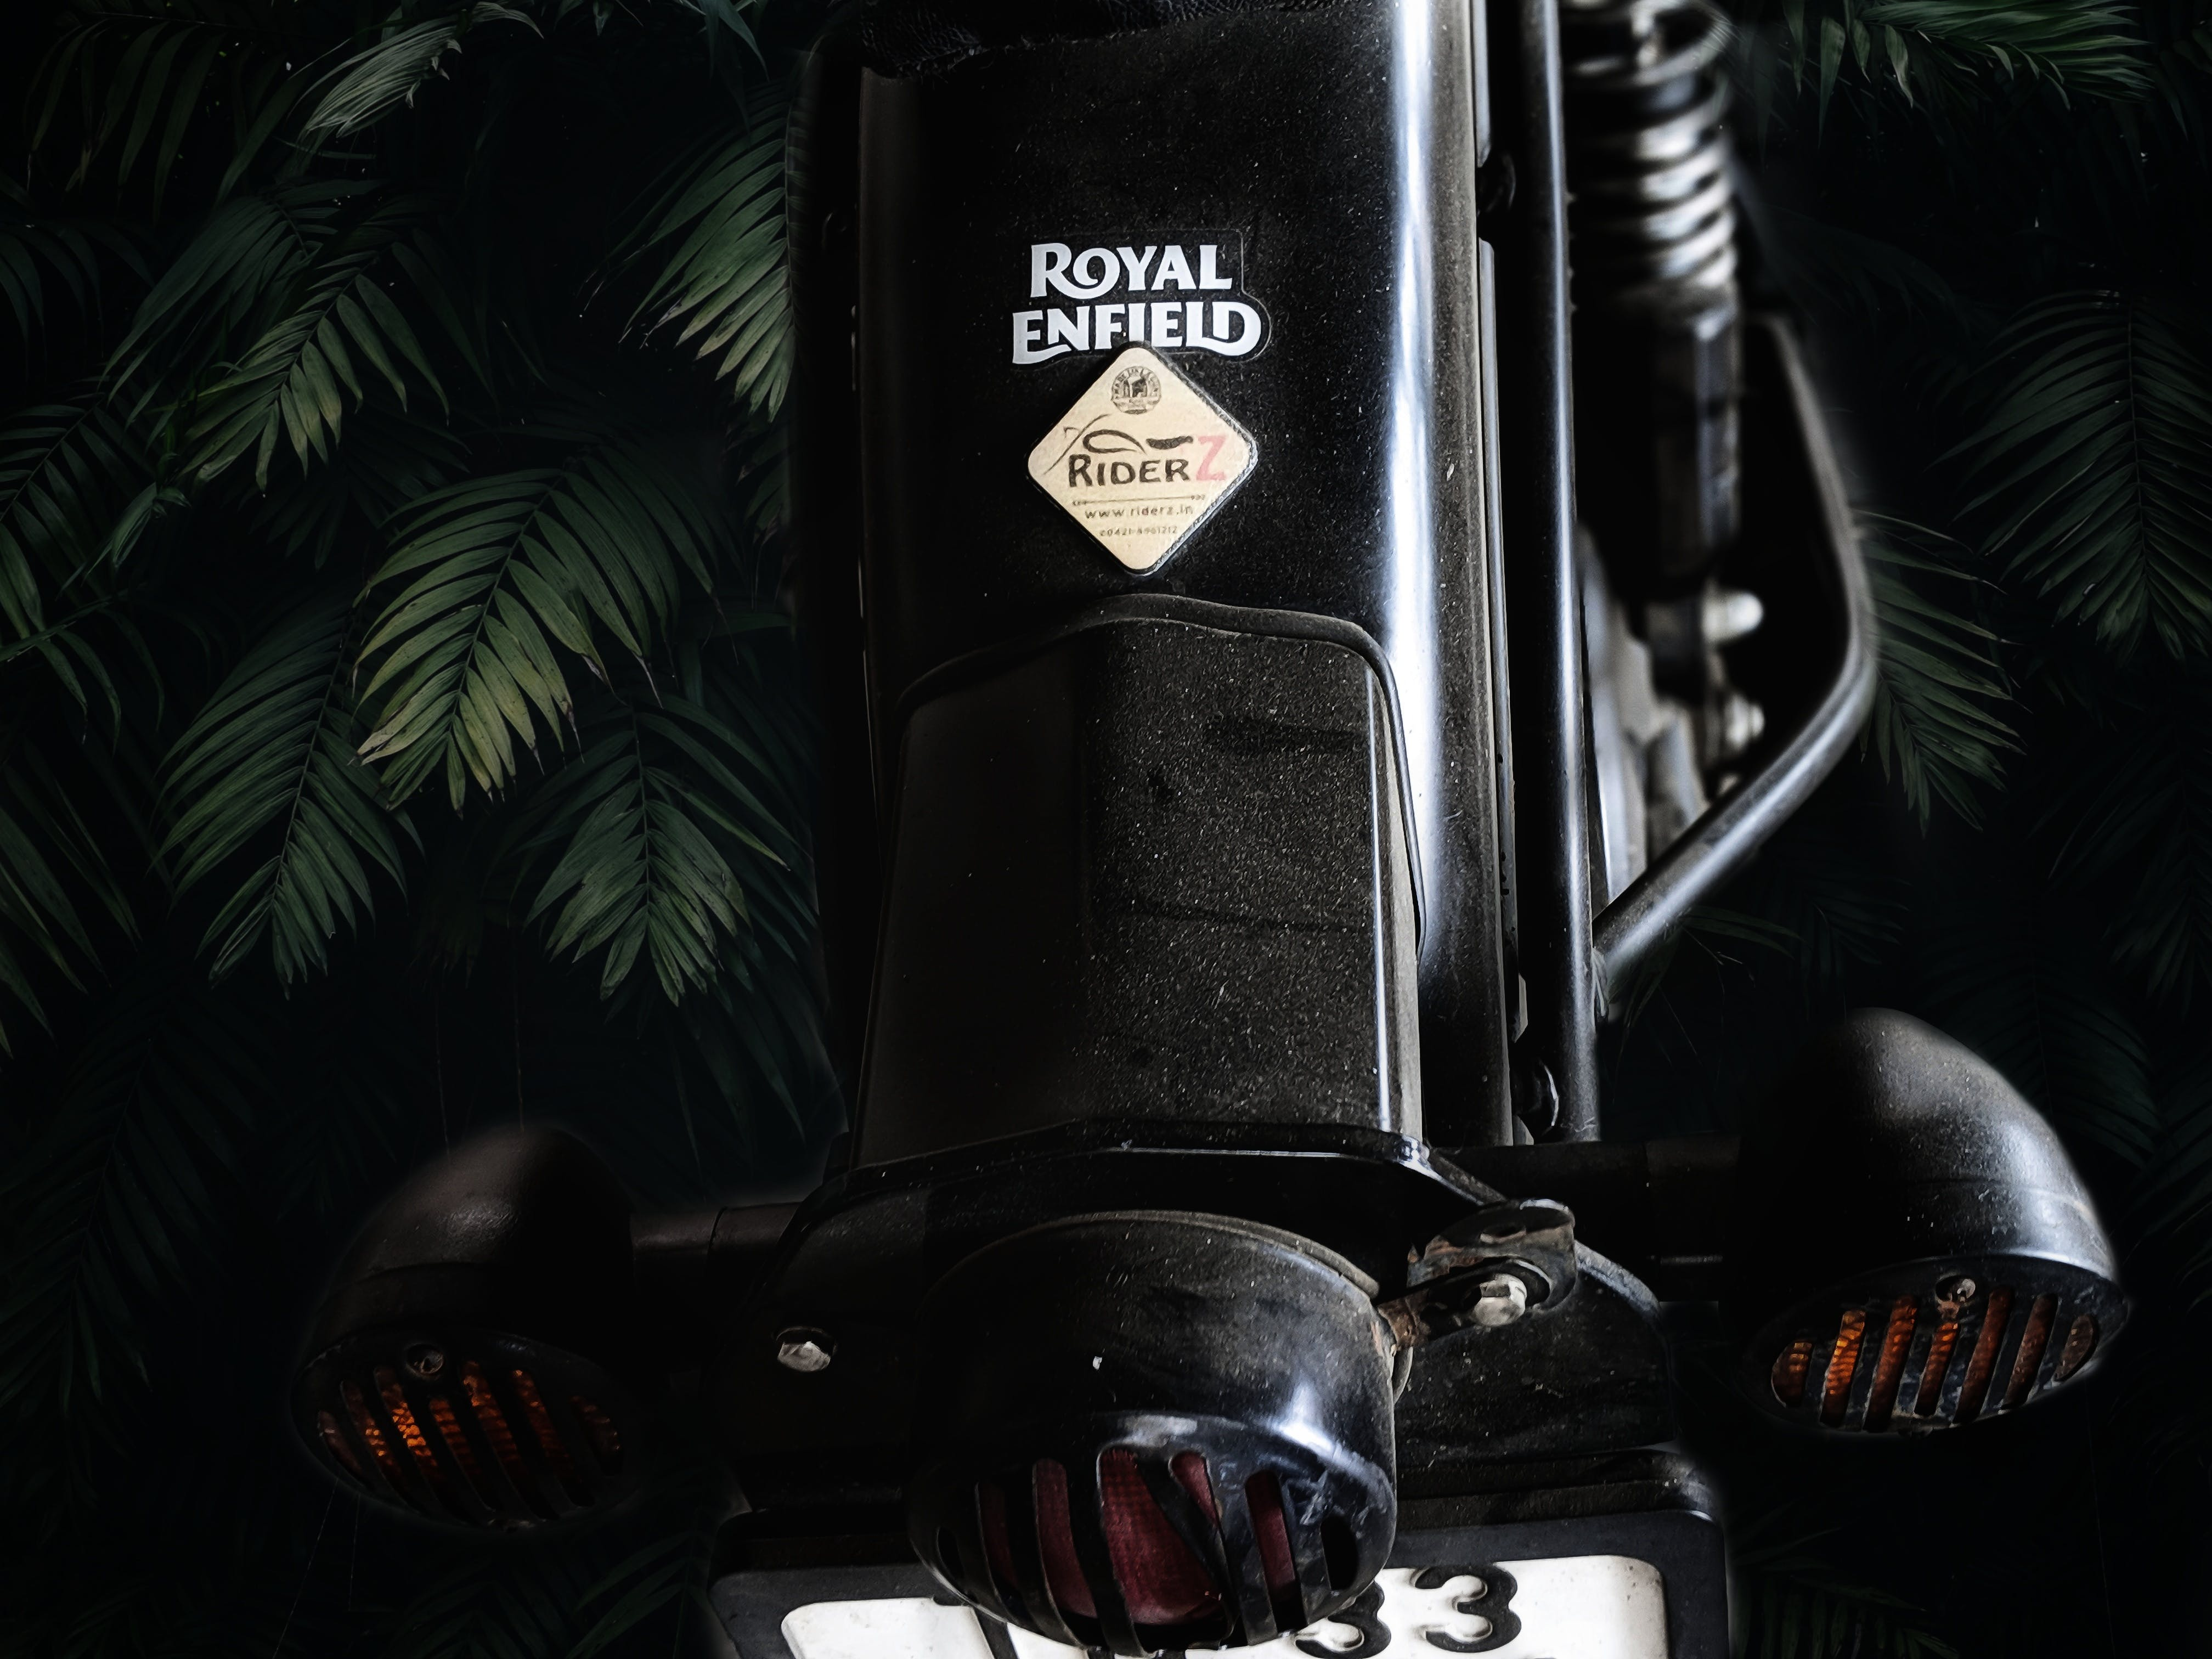 Gratis lagerfoto af cykelrytter, cykelvæddeløb, cyklister, motorcykel